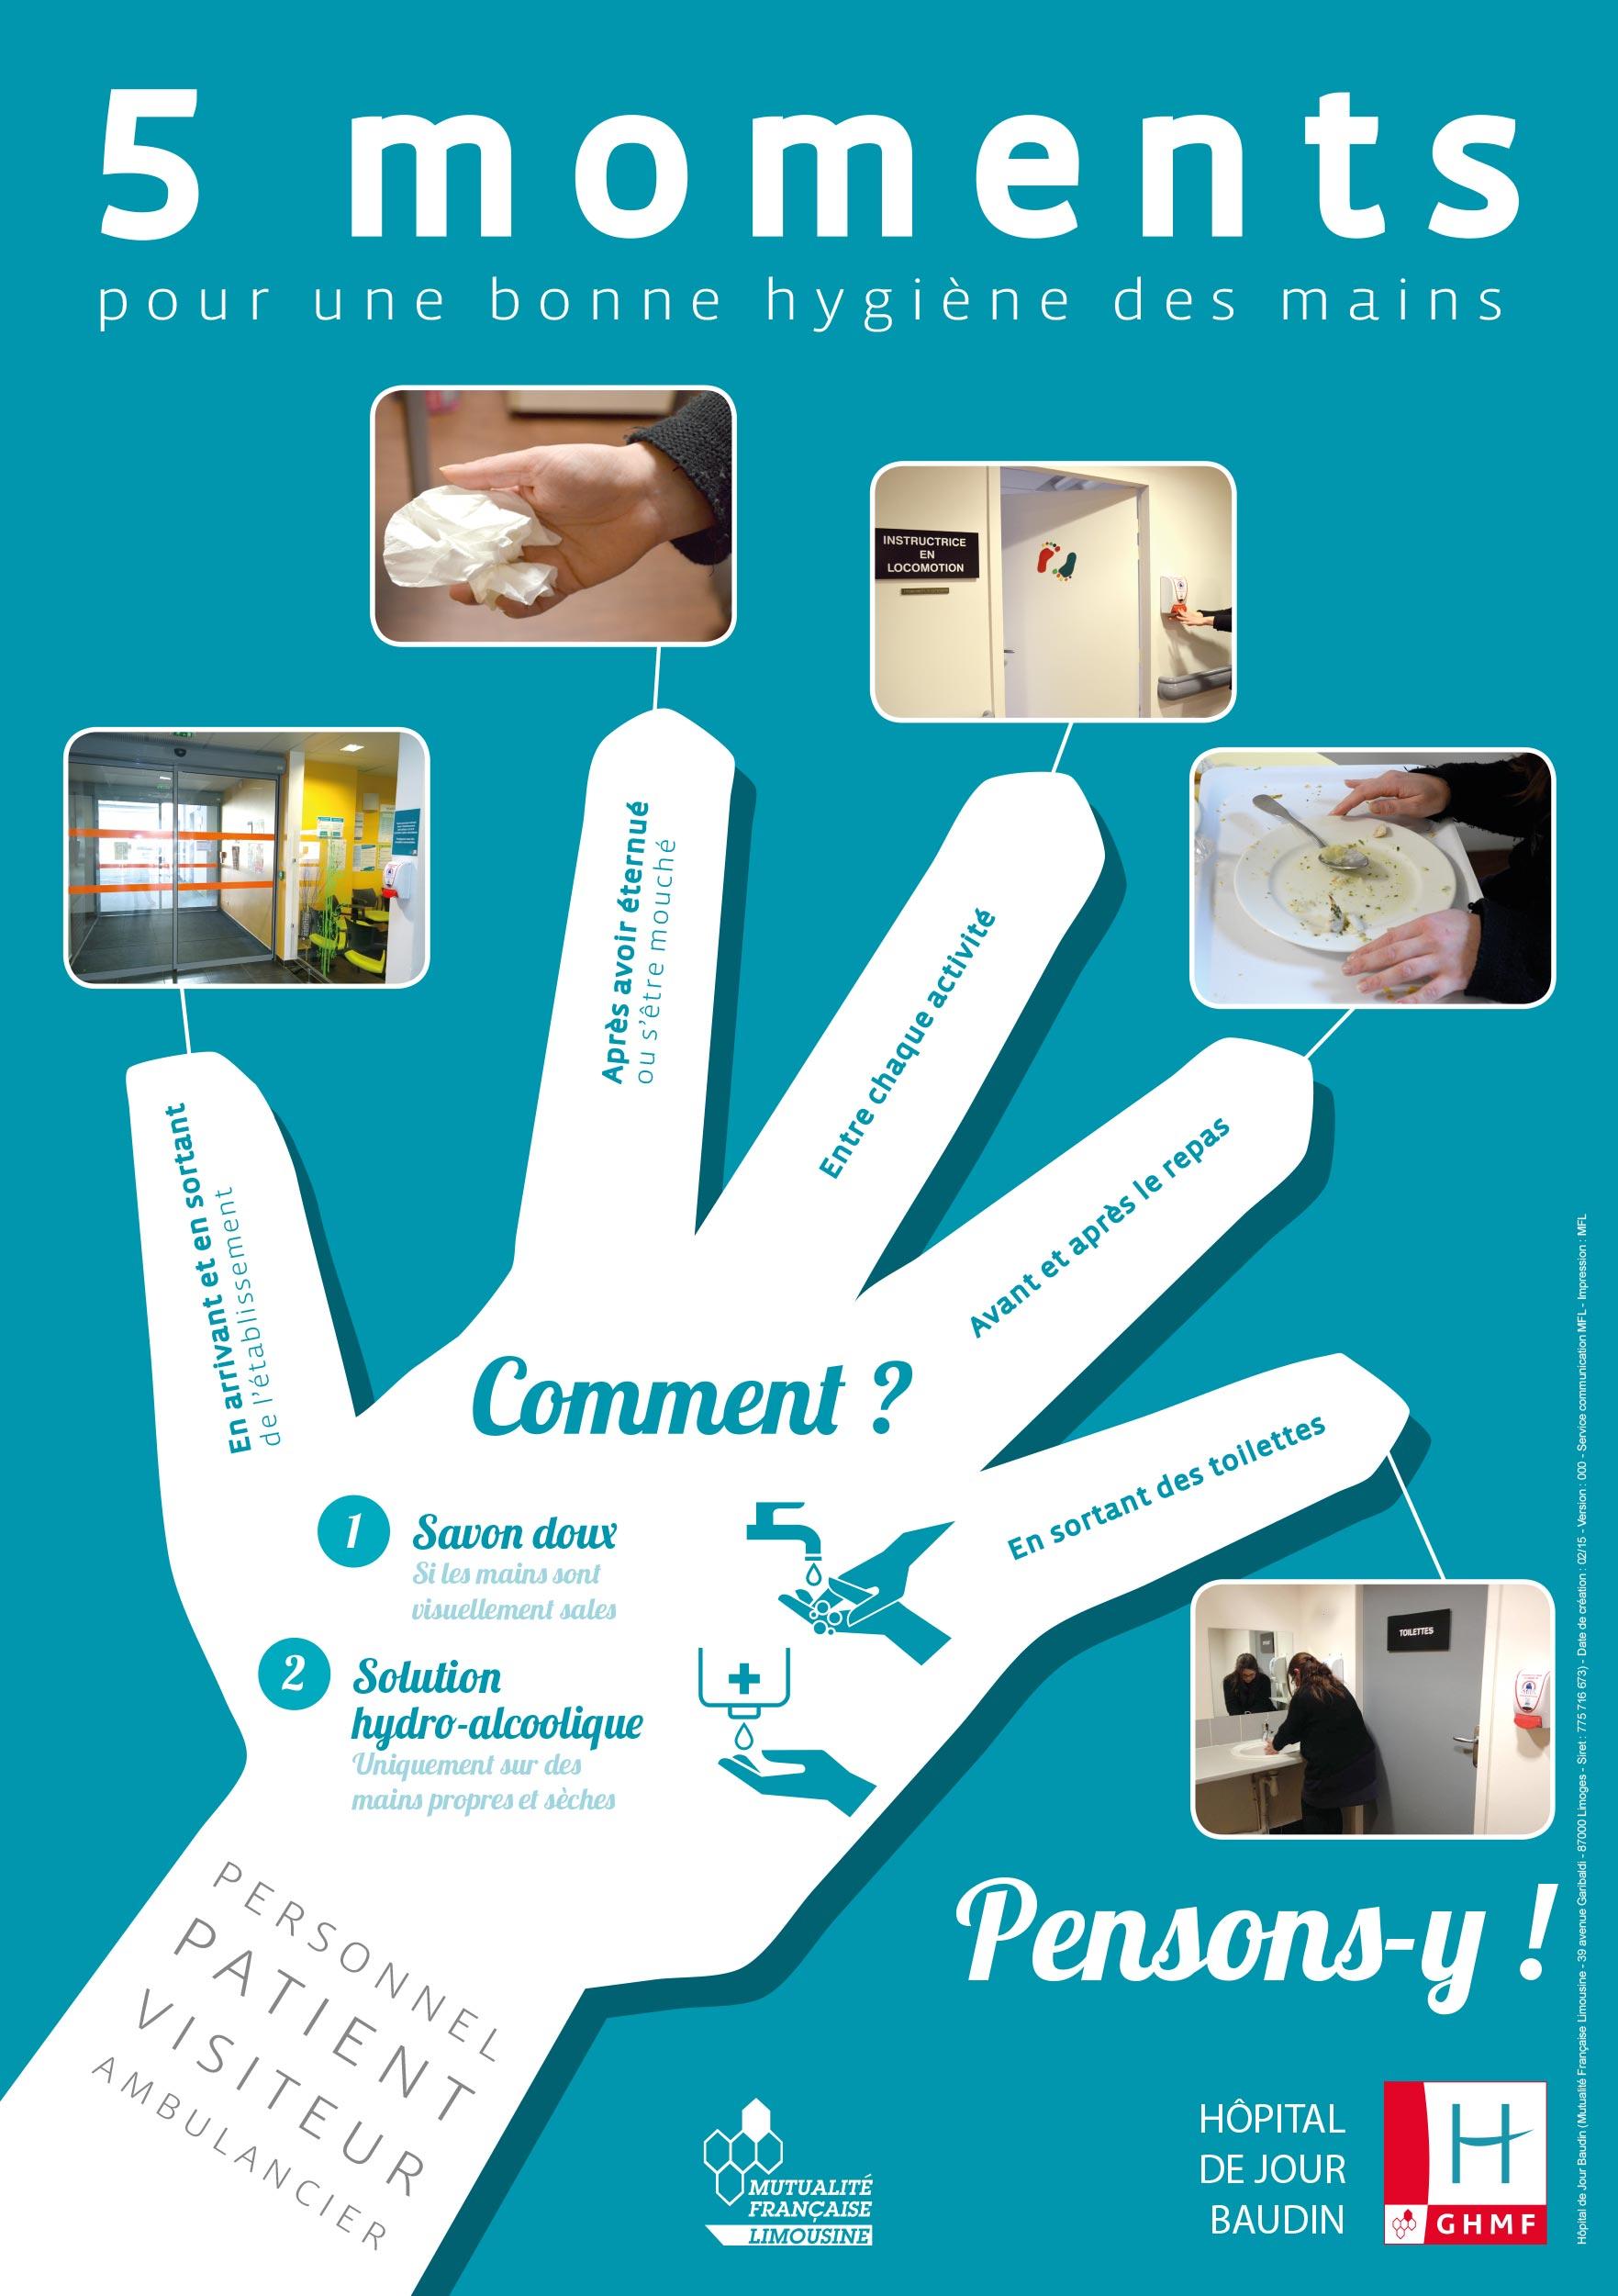 Affiche hygiene des mains baudin cpias nouvelle aquitaine - Protocole de lavage des mains en cuisine ...